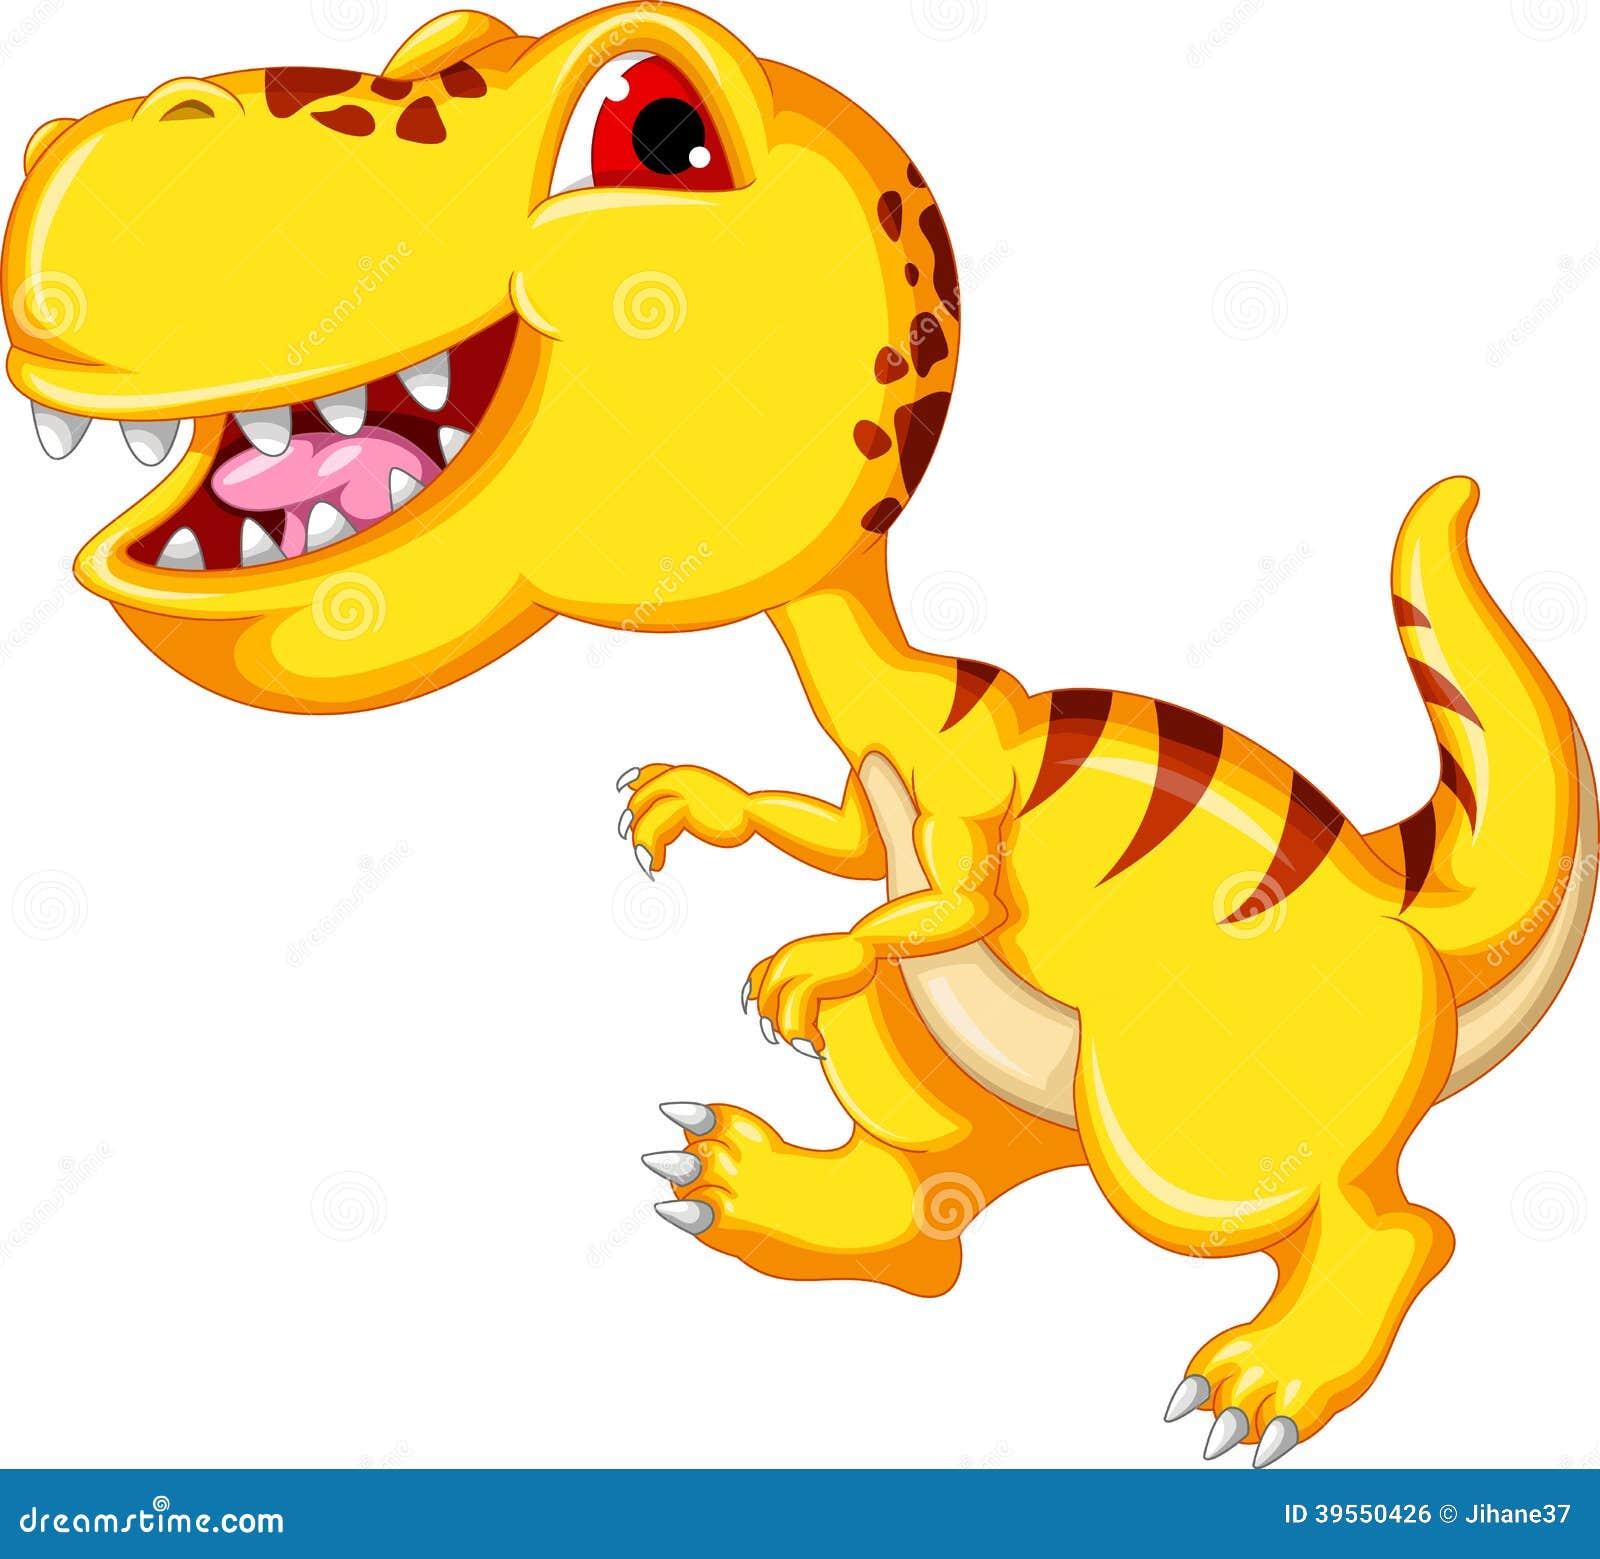 dinosaur cartoon isolated stock illustration illustration cute dinosaur clipart free cute girl dinosaur clipart